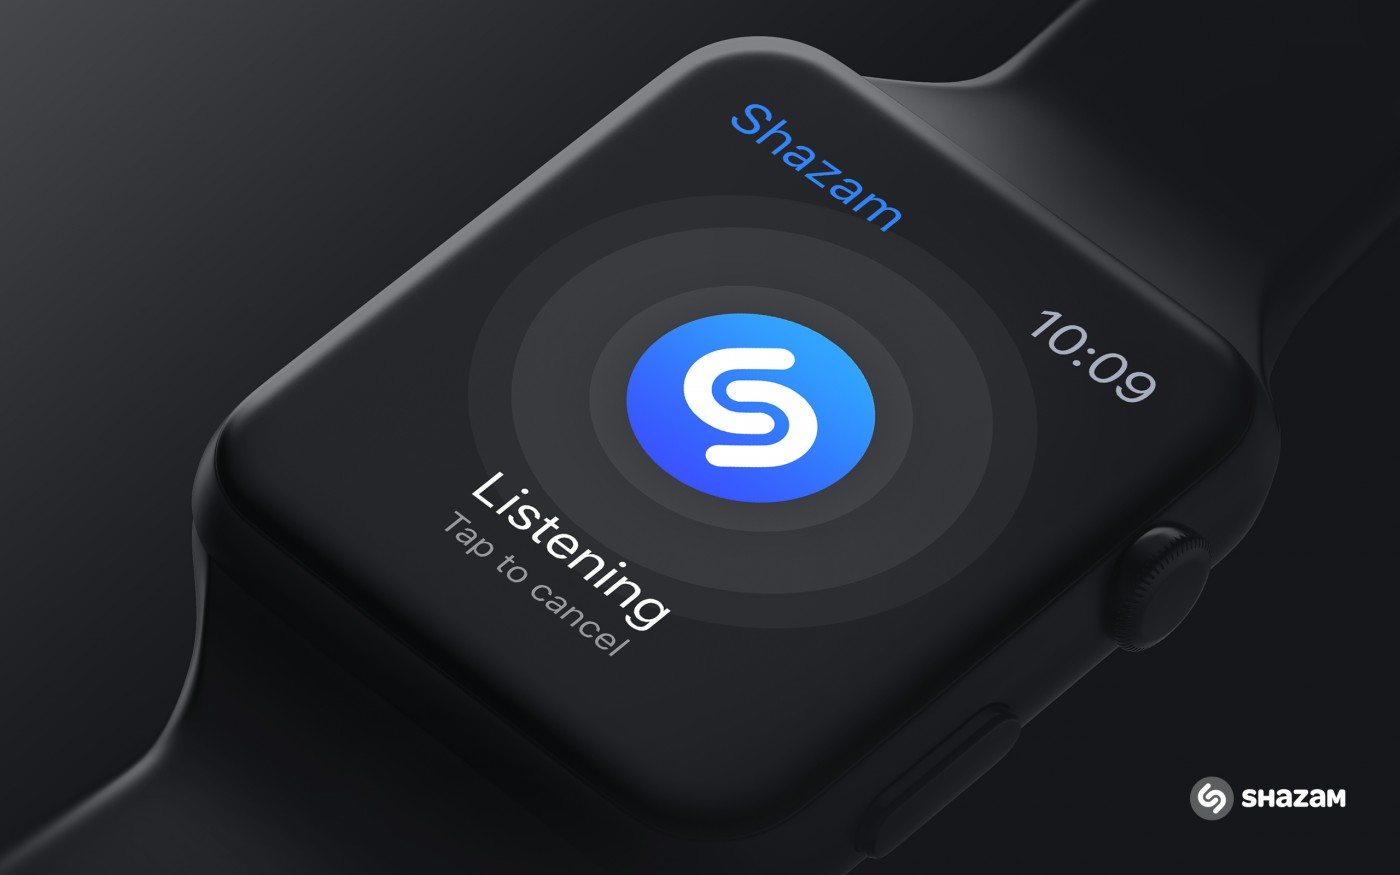 連Spotify、Snapchat都想要!蘋果併購全球一億人愛用的音樂服務Shazam,它的魅力何在?